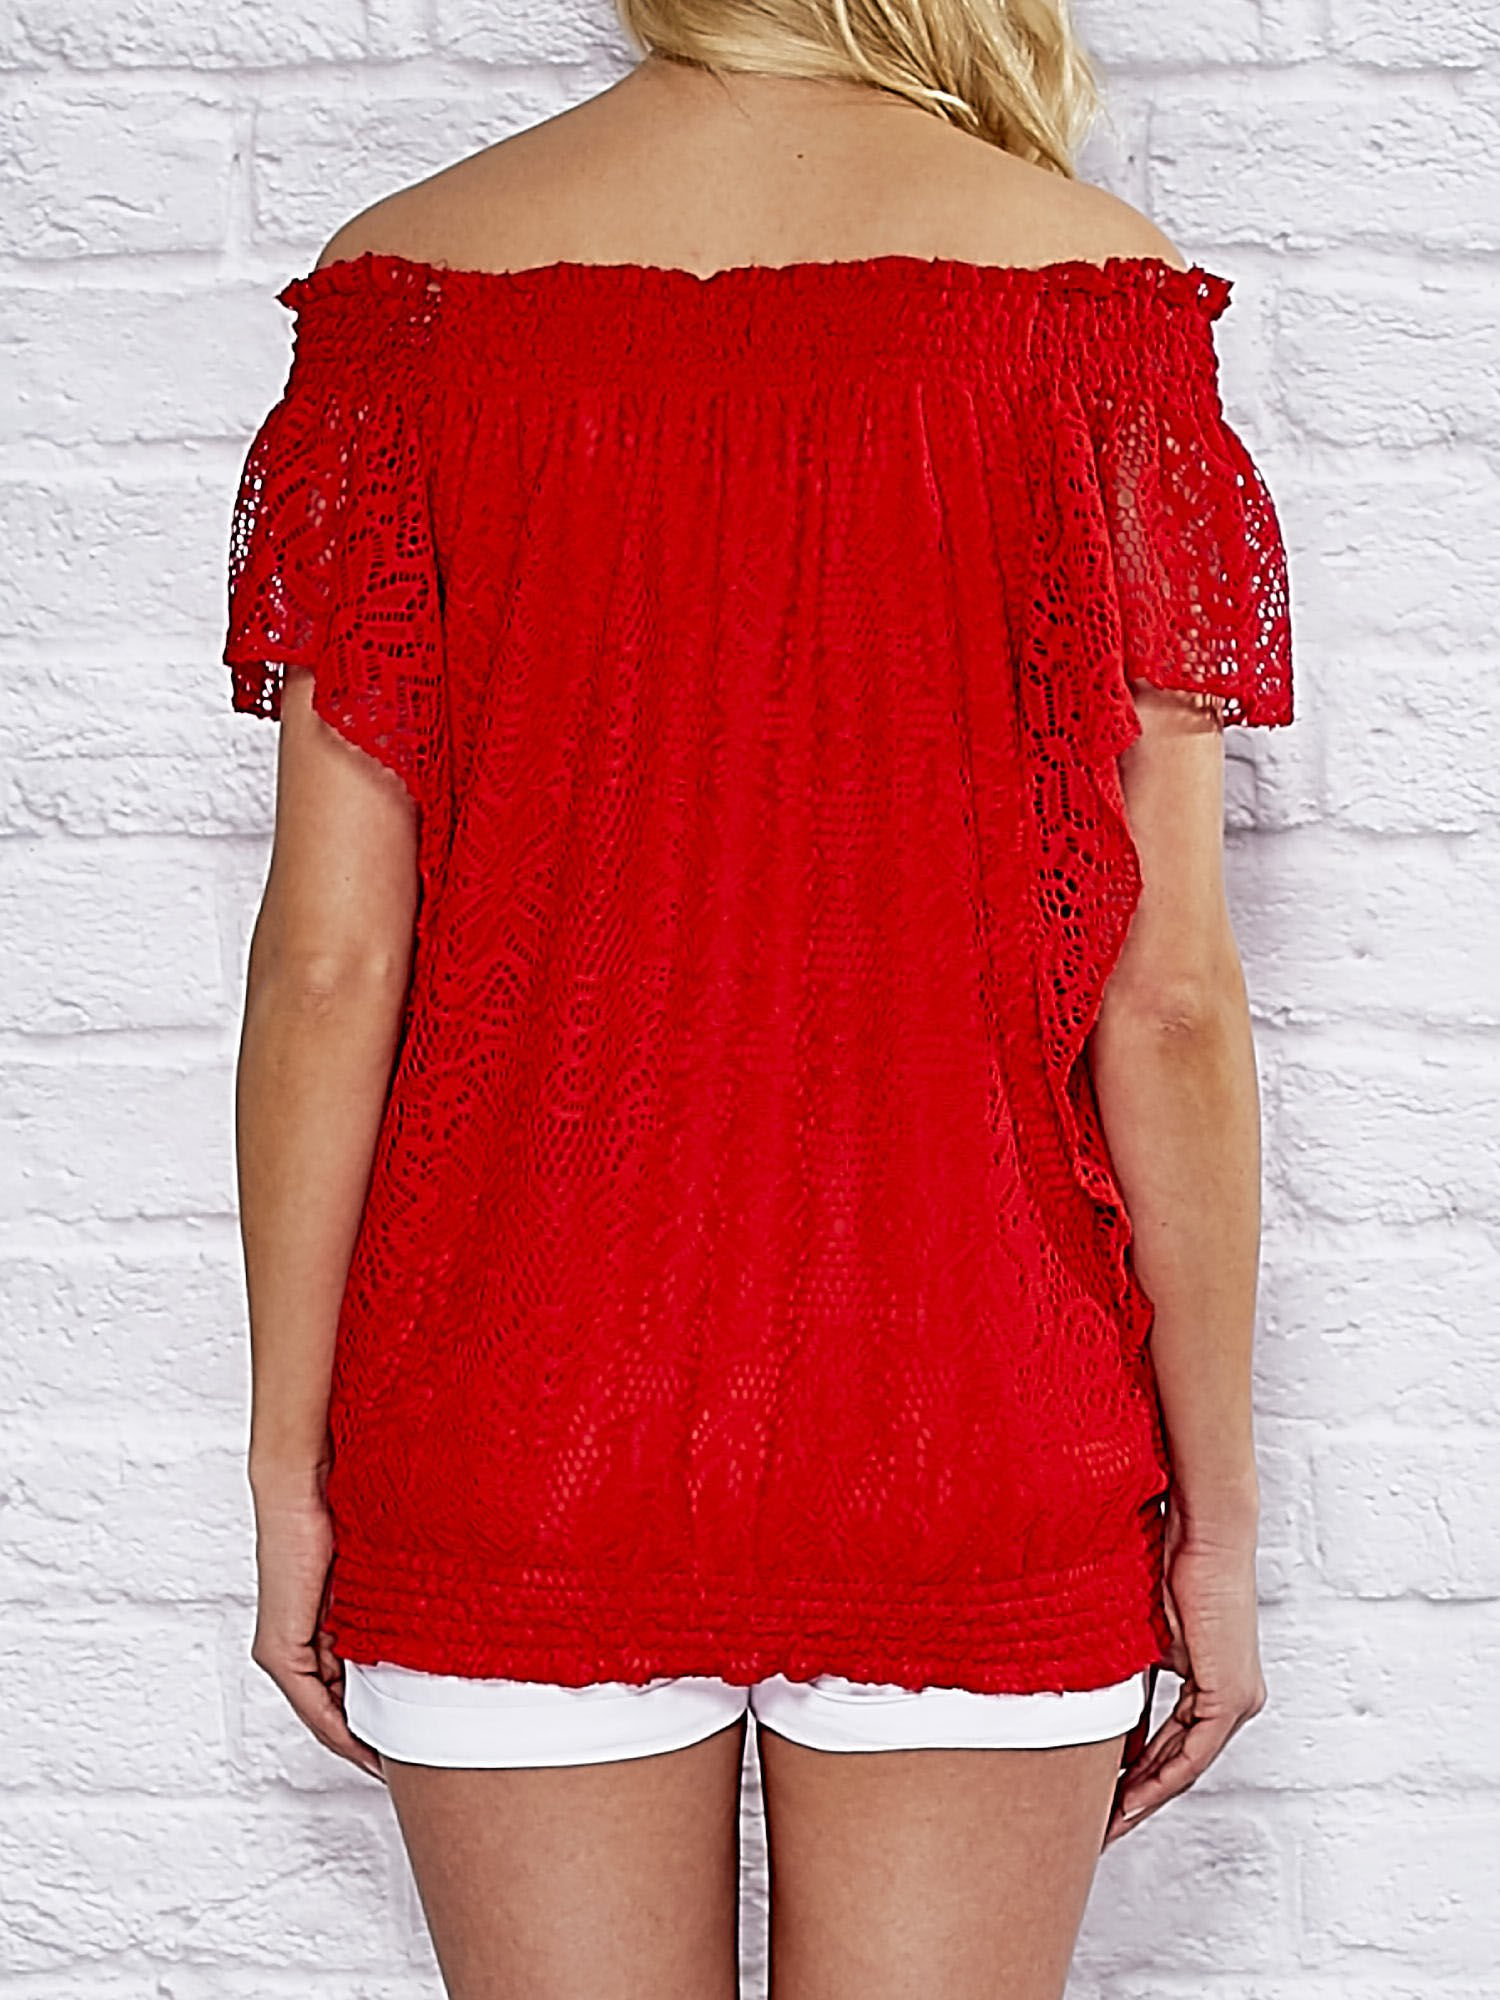 b86fdc83d5d4a3 1 · Koronkowa bluzka z hiszpańskim dekoltem i gumką na dole czerwona ...